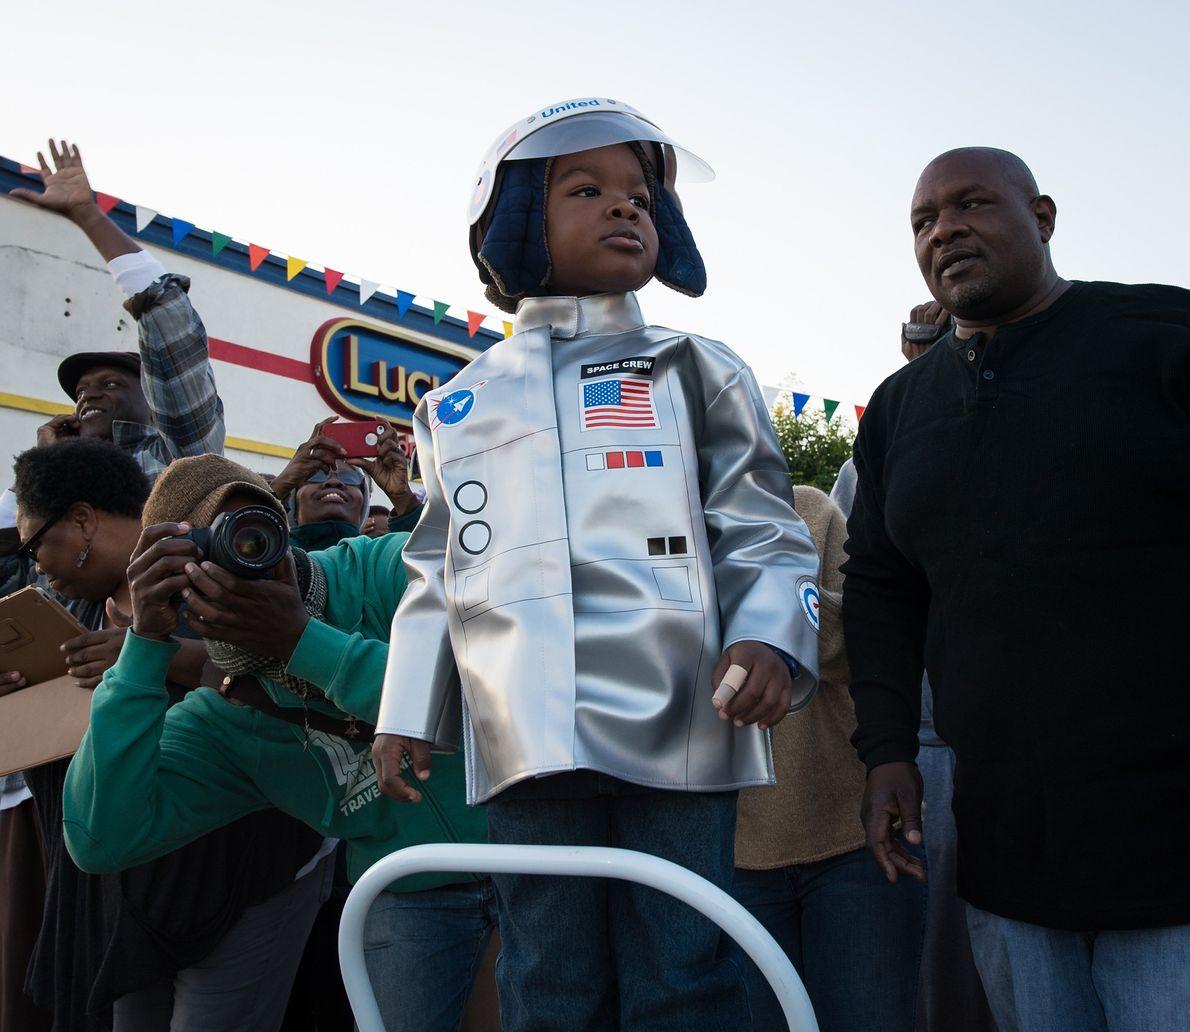 Déguisé en astronaute, un jeune spectateur regarde passer la navette spatiale Endeavour alors qu'elle se dirige ...